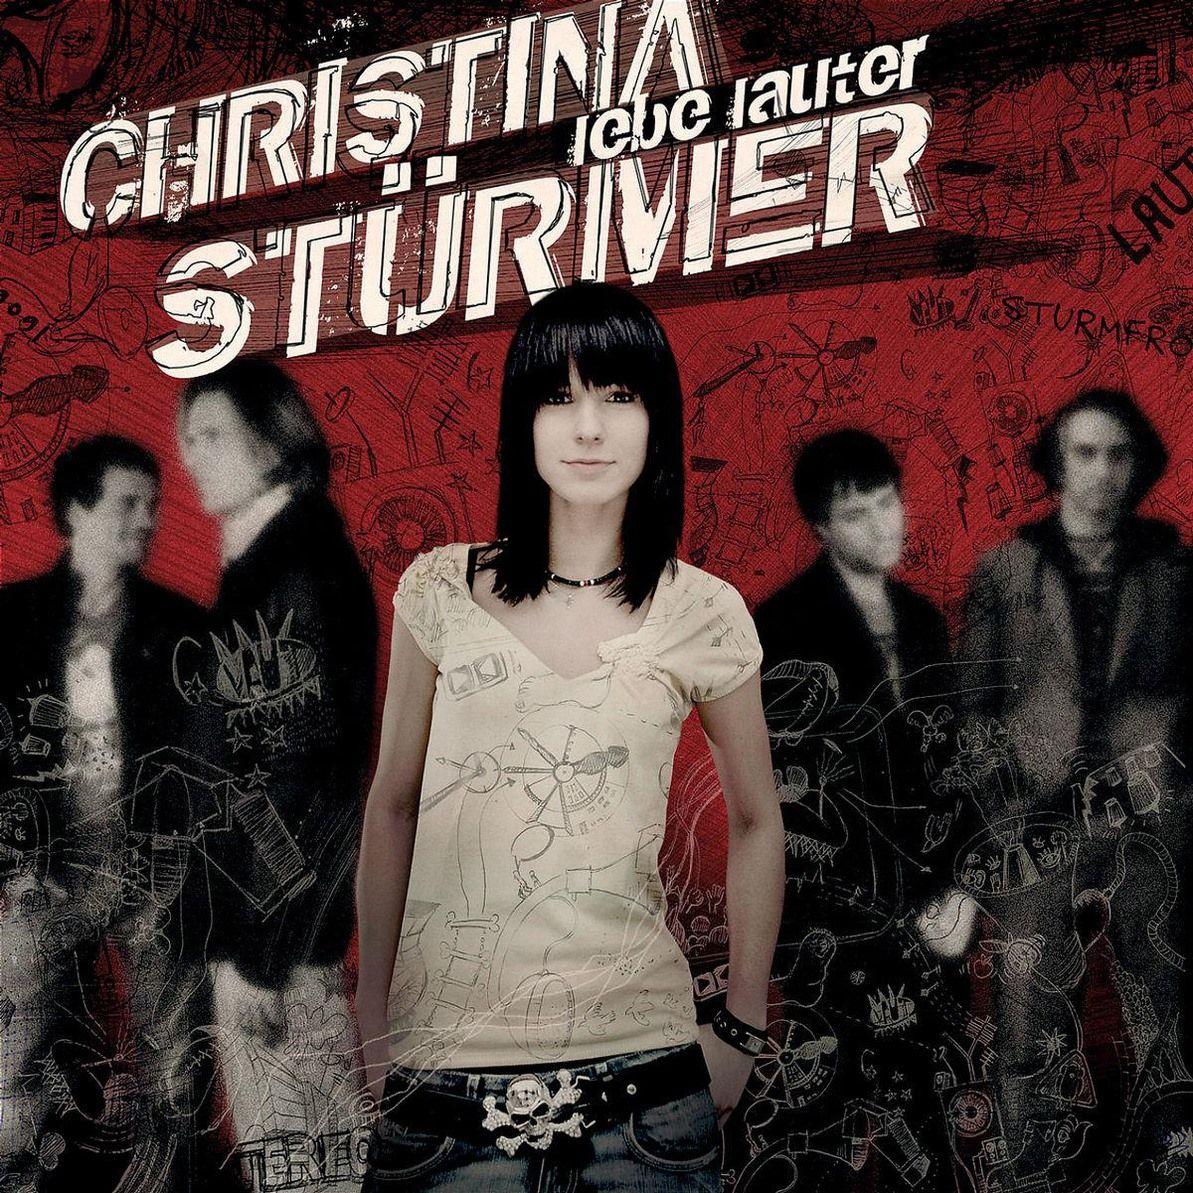 Christina Stürmer - Lebe Lauter album cover